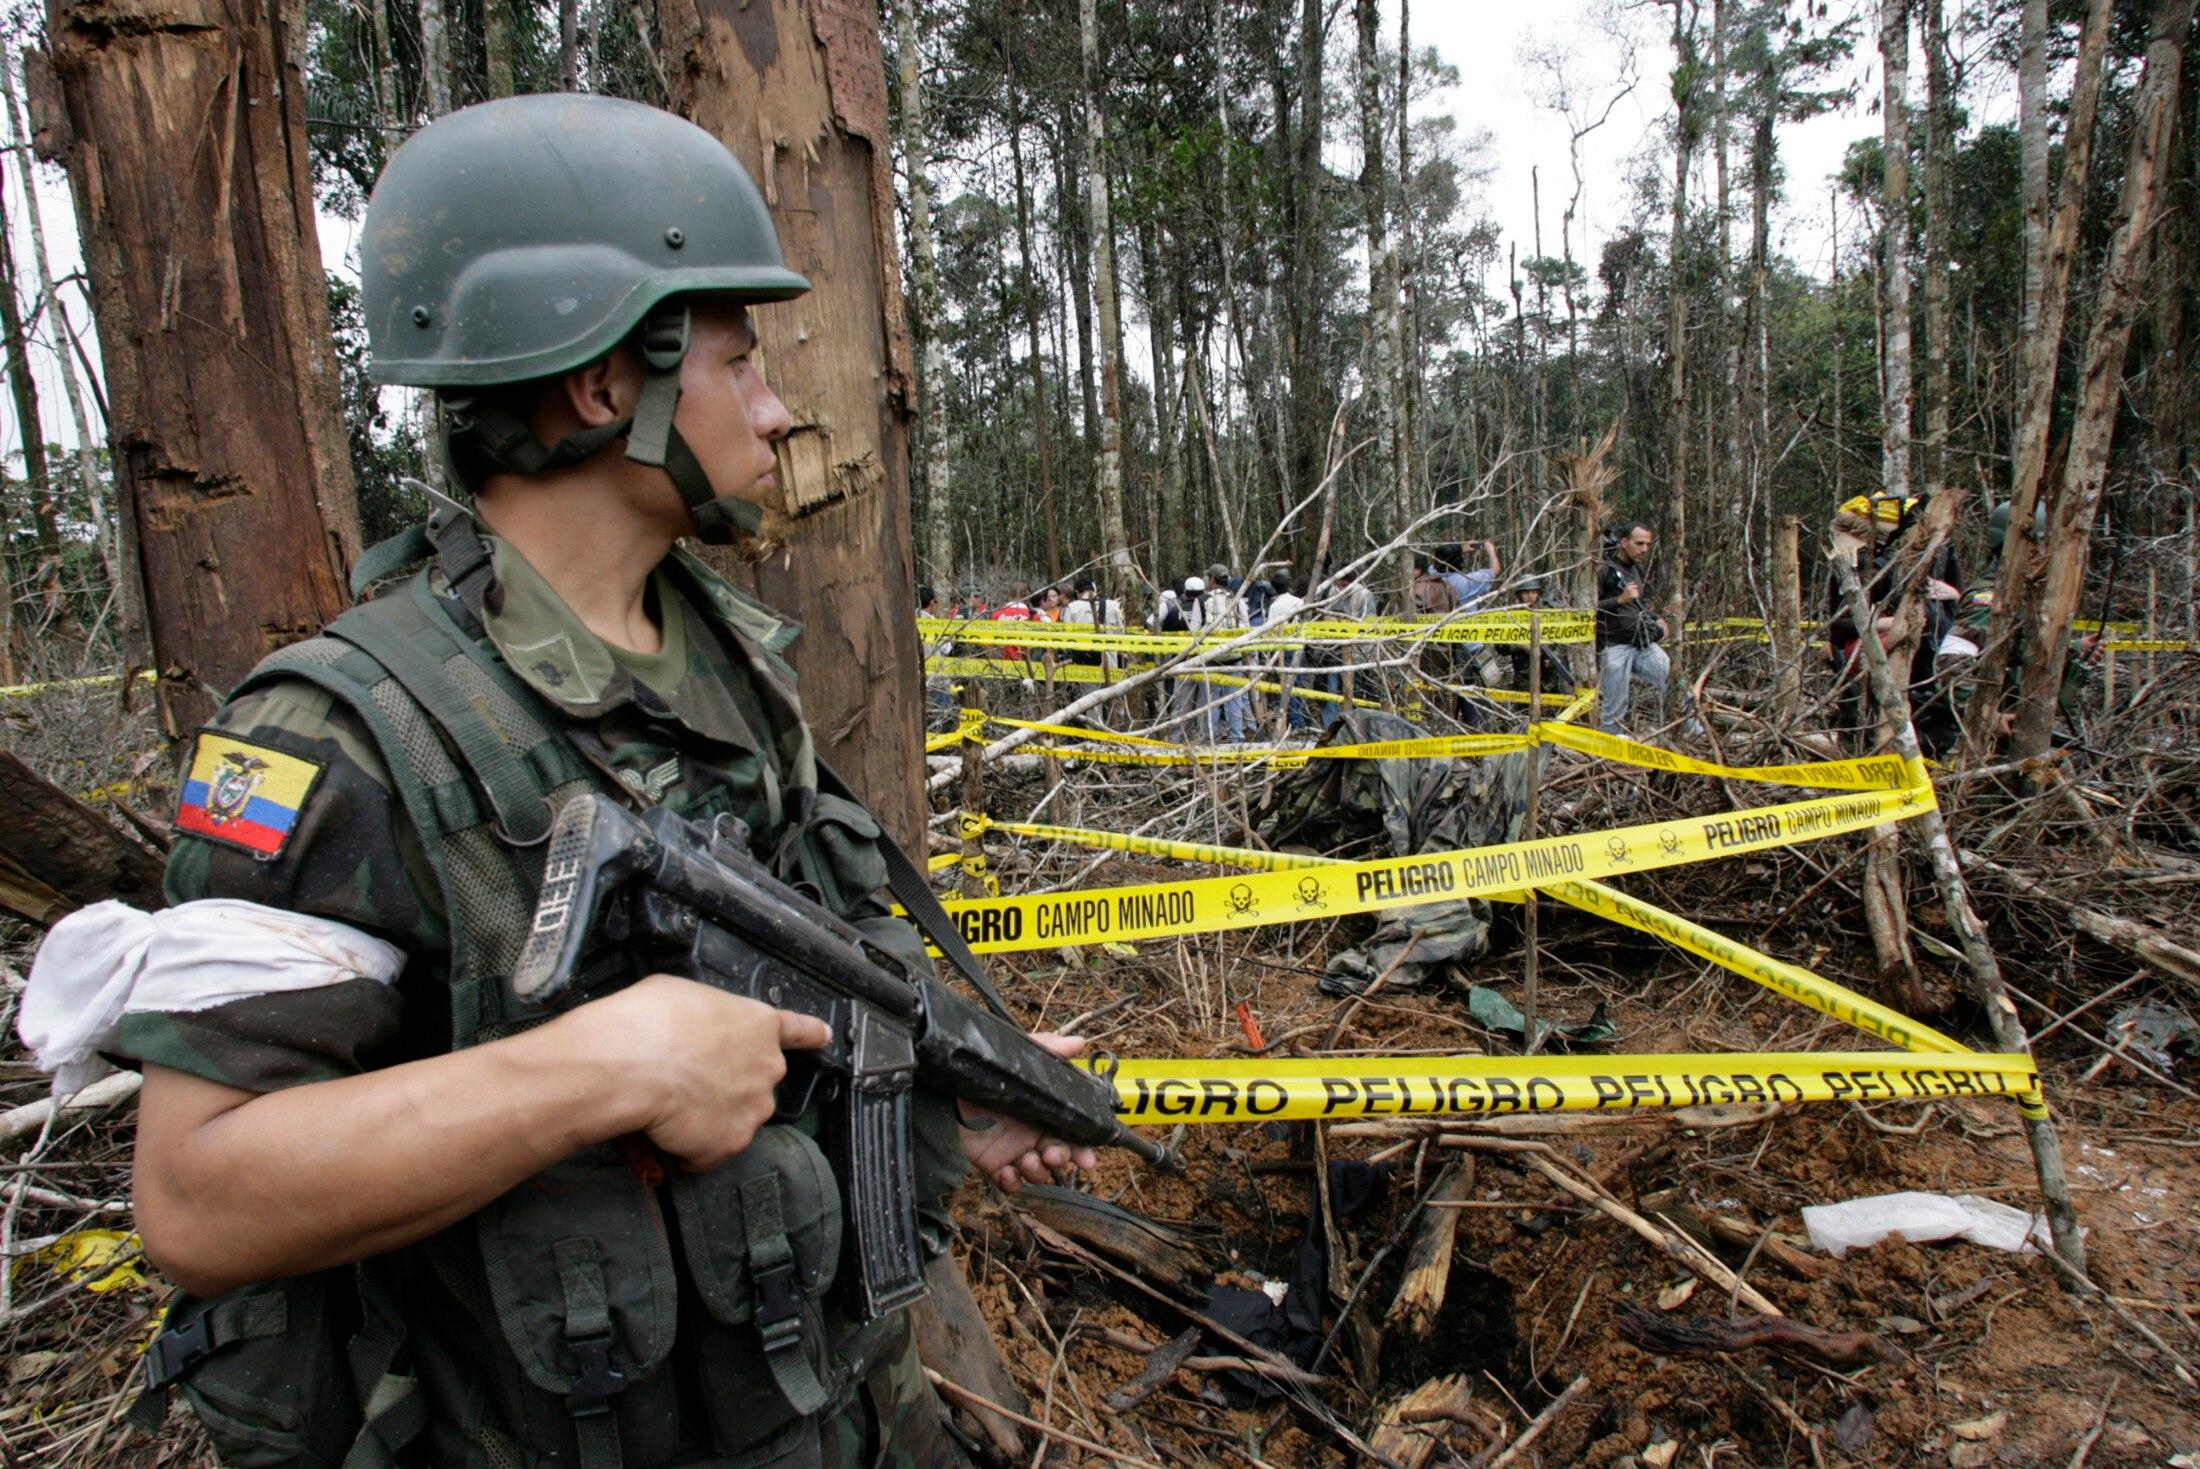 ¿La CIA prepara operación de bandera falsa desde Colombia? Misión Verdad, Venezuela